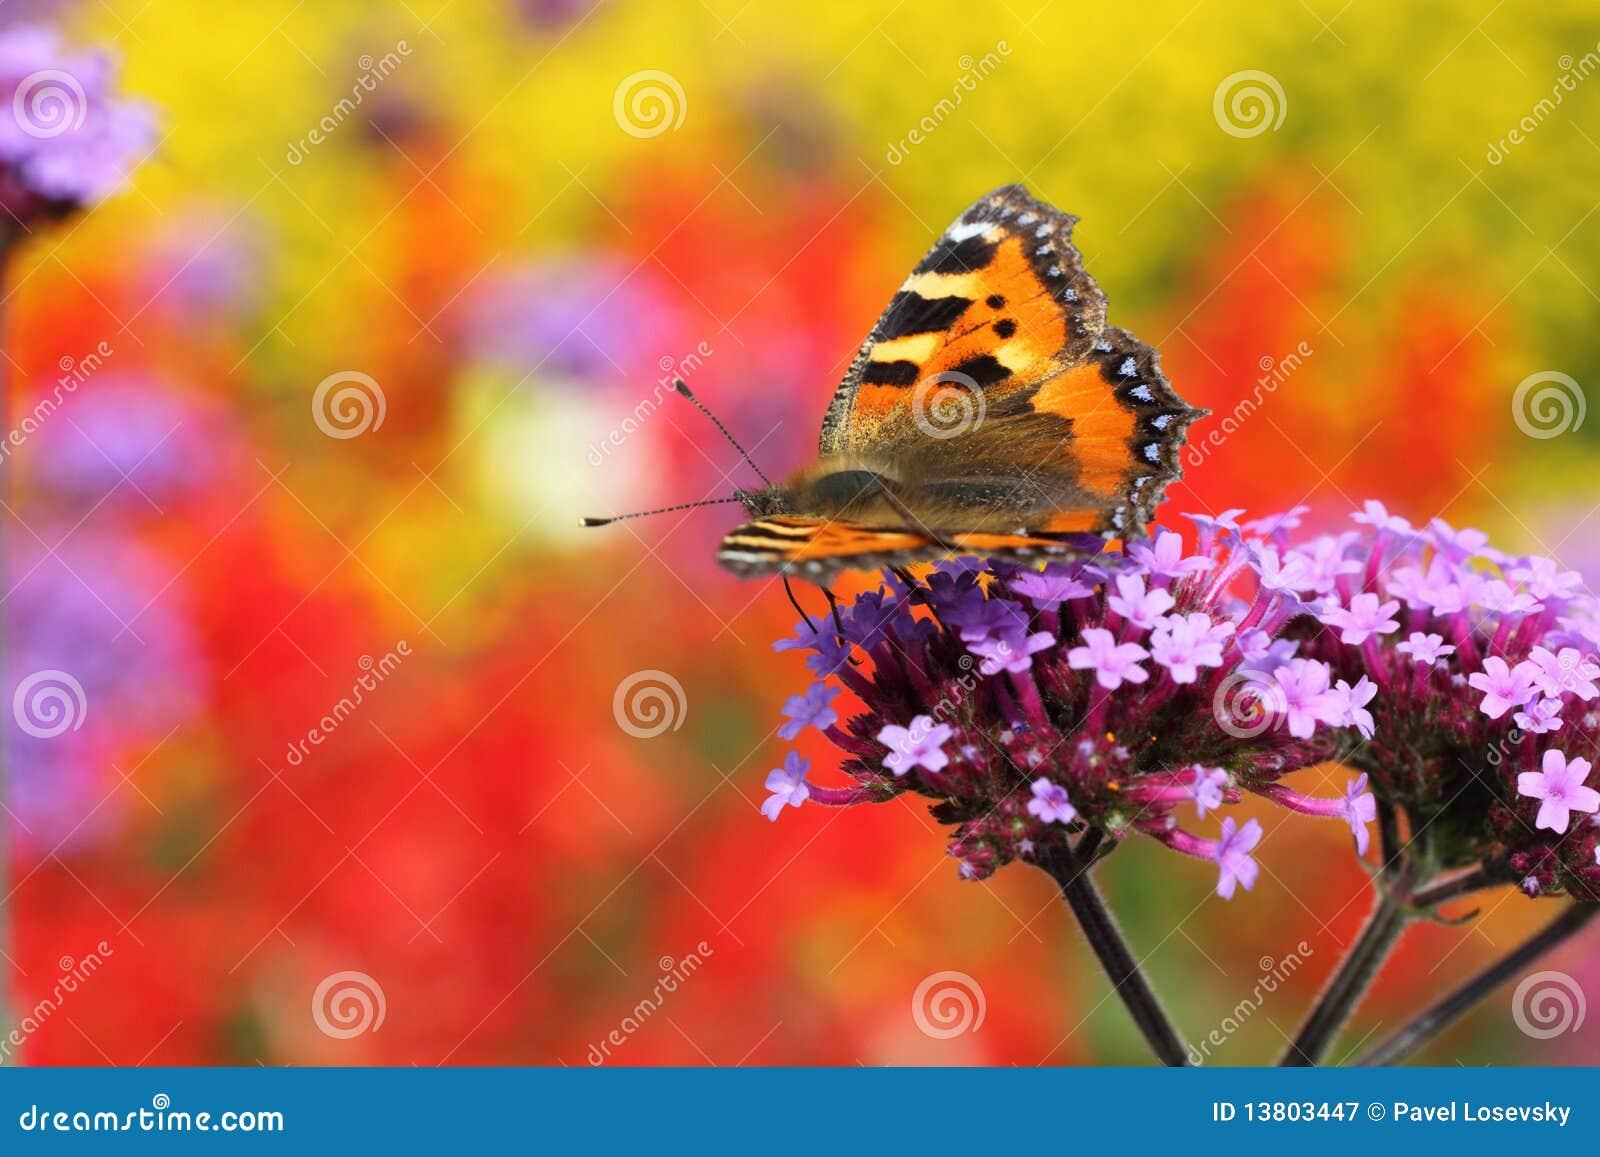 Basisrecheneinheit Urticaria im Profil, das auf Blume sitzt